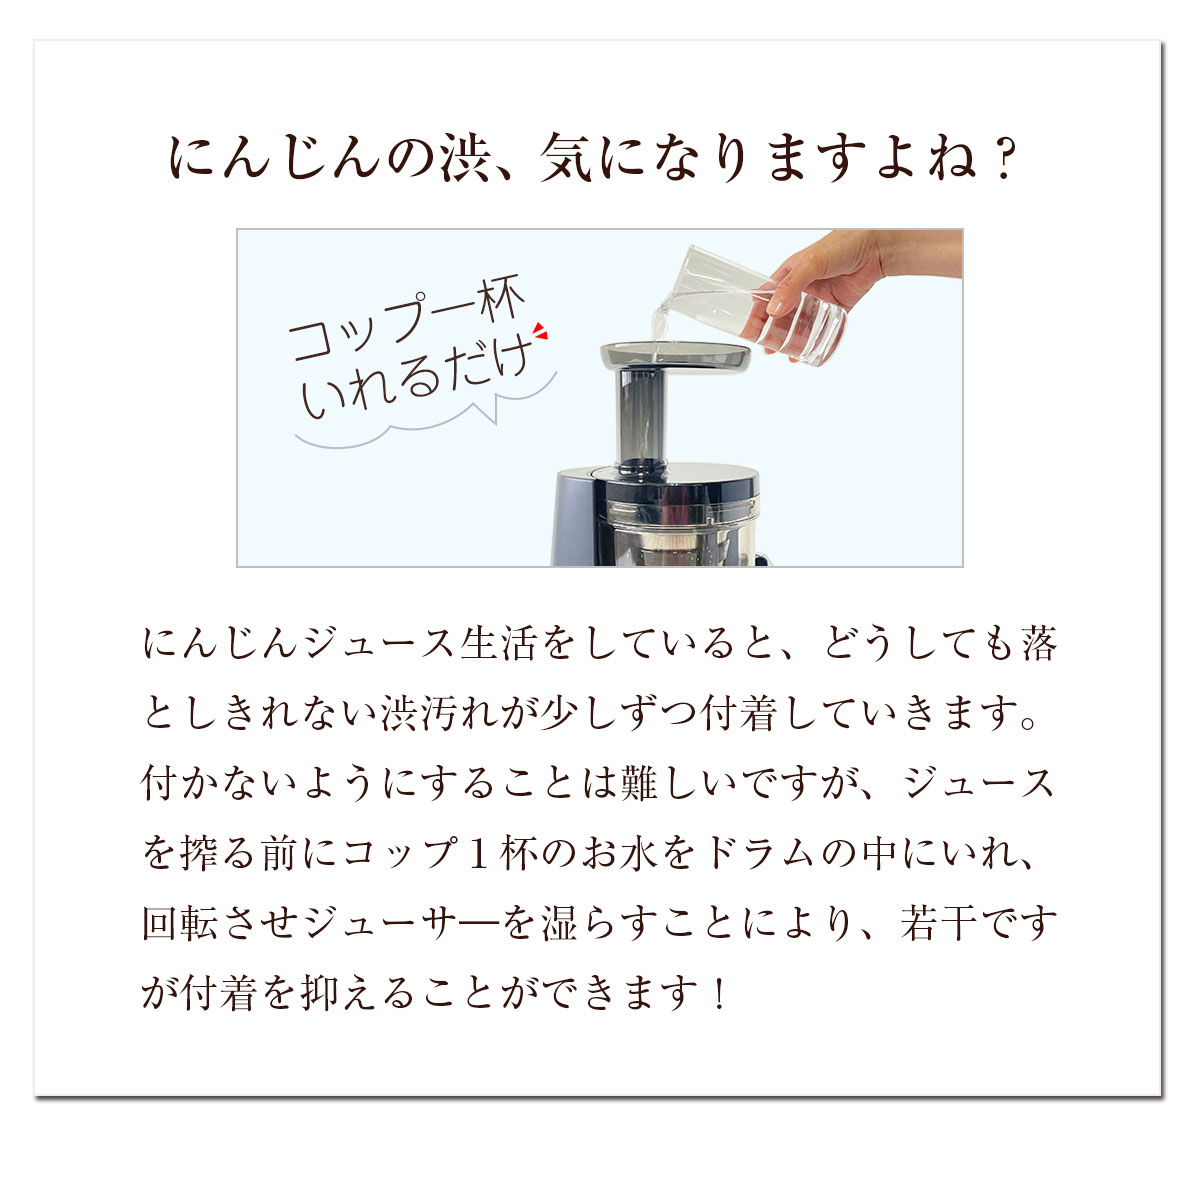 ワンポイントアドバイス(搾る前にコップ1杯)